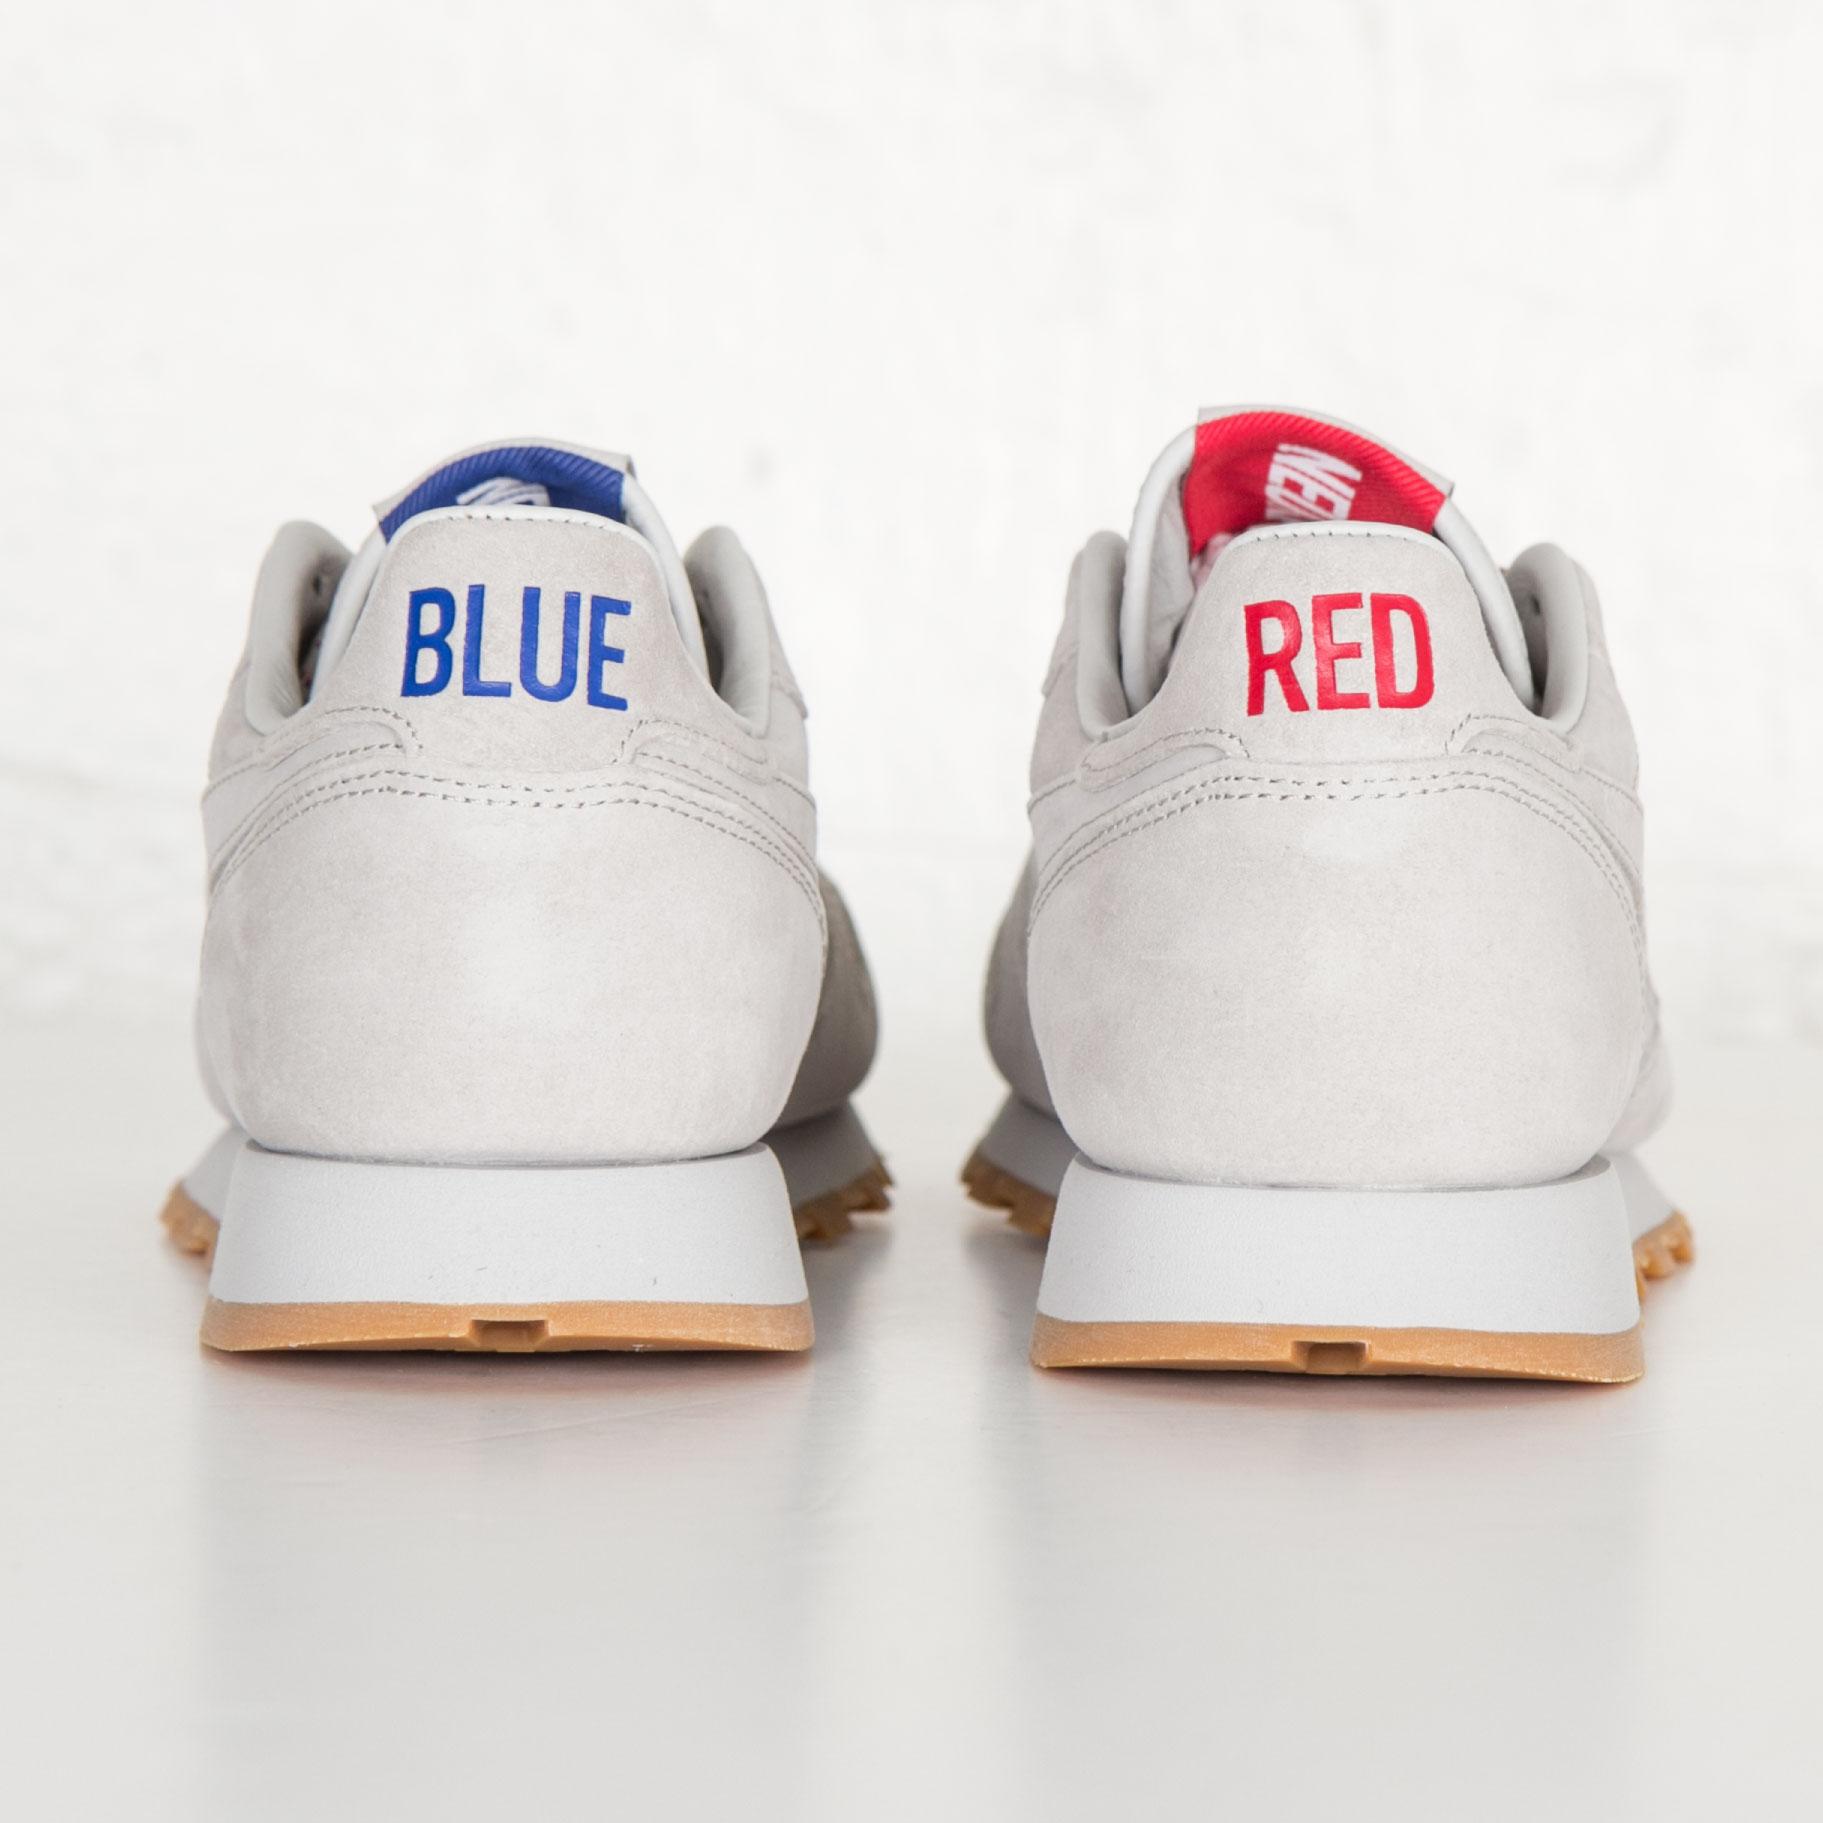 a70321c7052c2f Reebok Classic Leather x Kendrick Lamar - Ar0586 - Sneakersnstuff ...